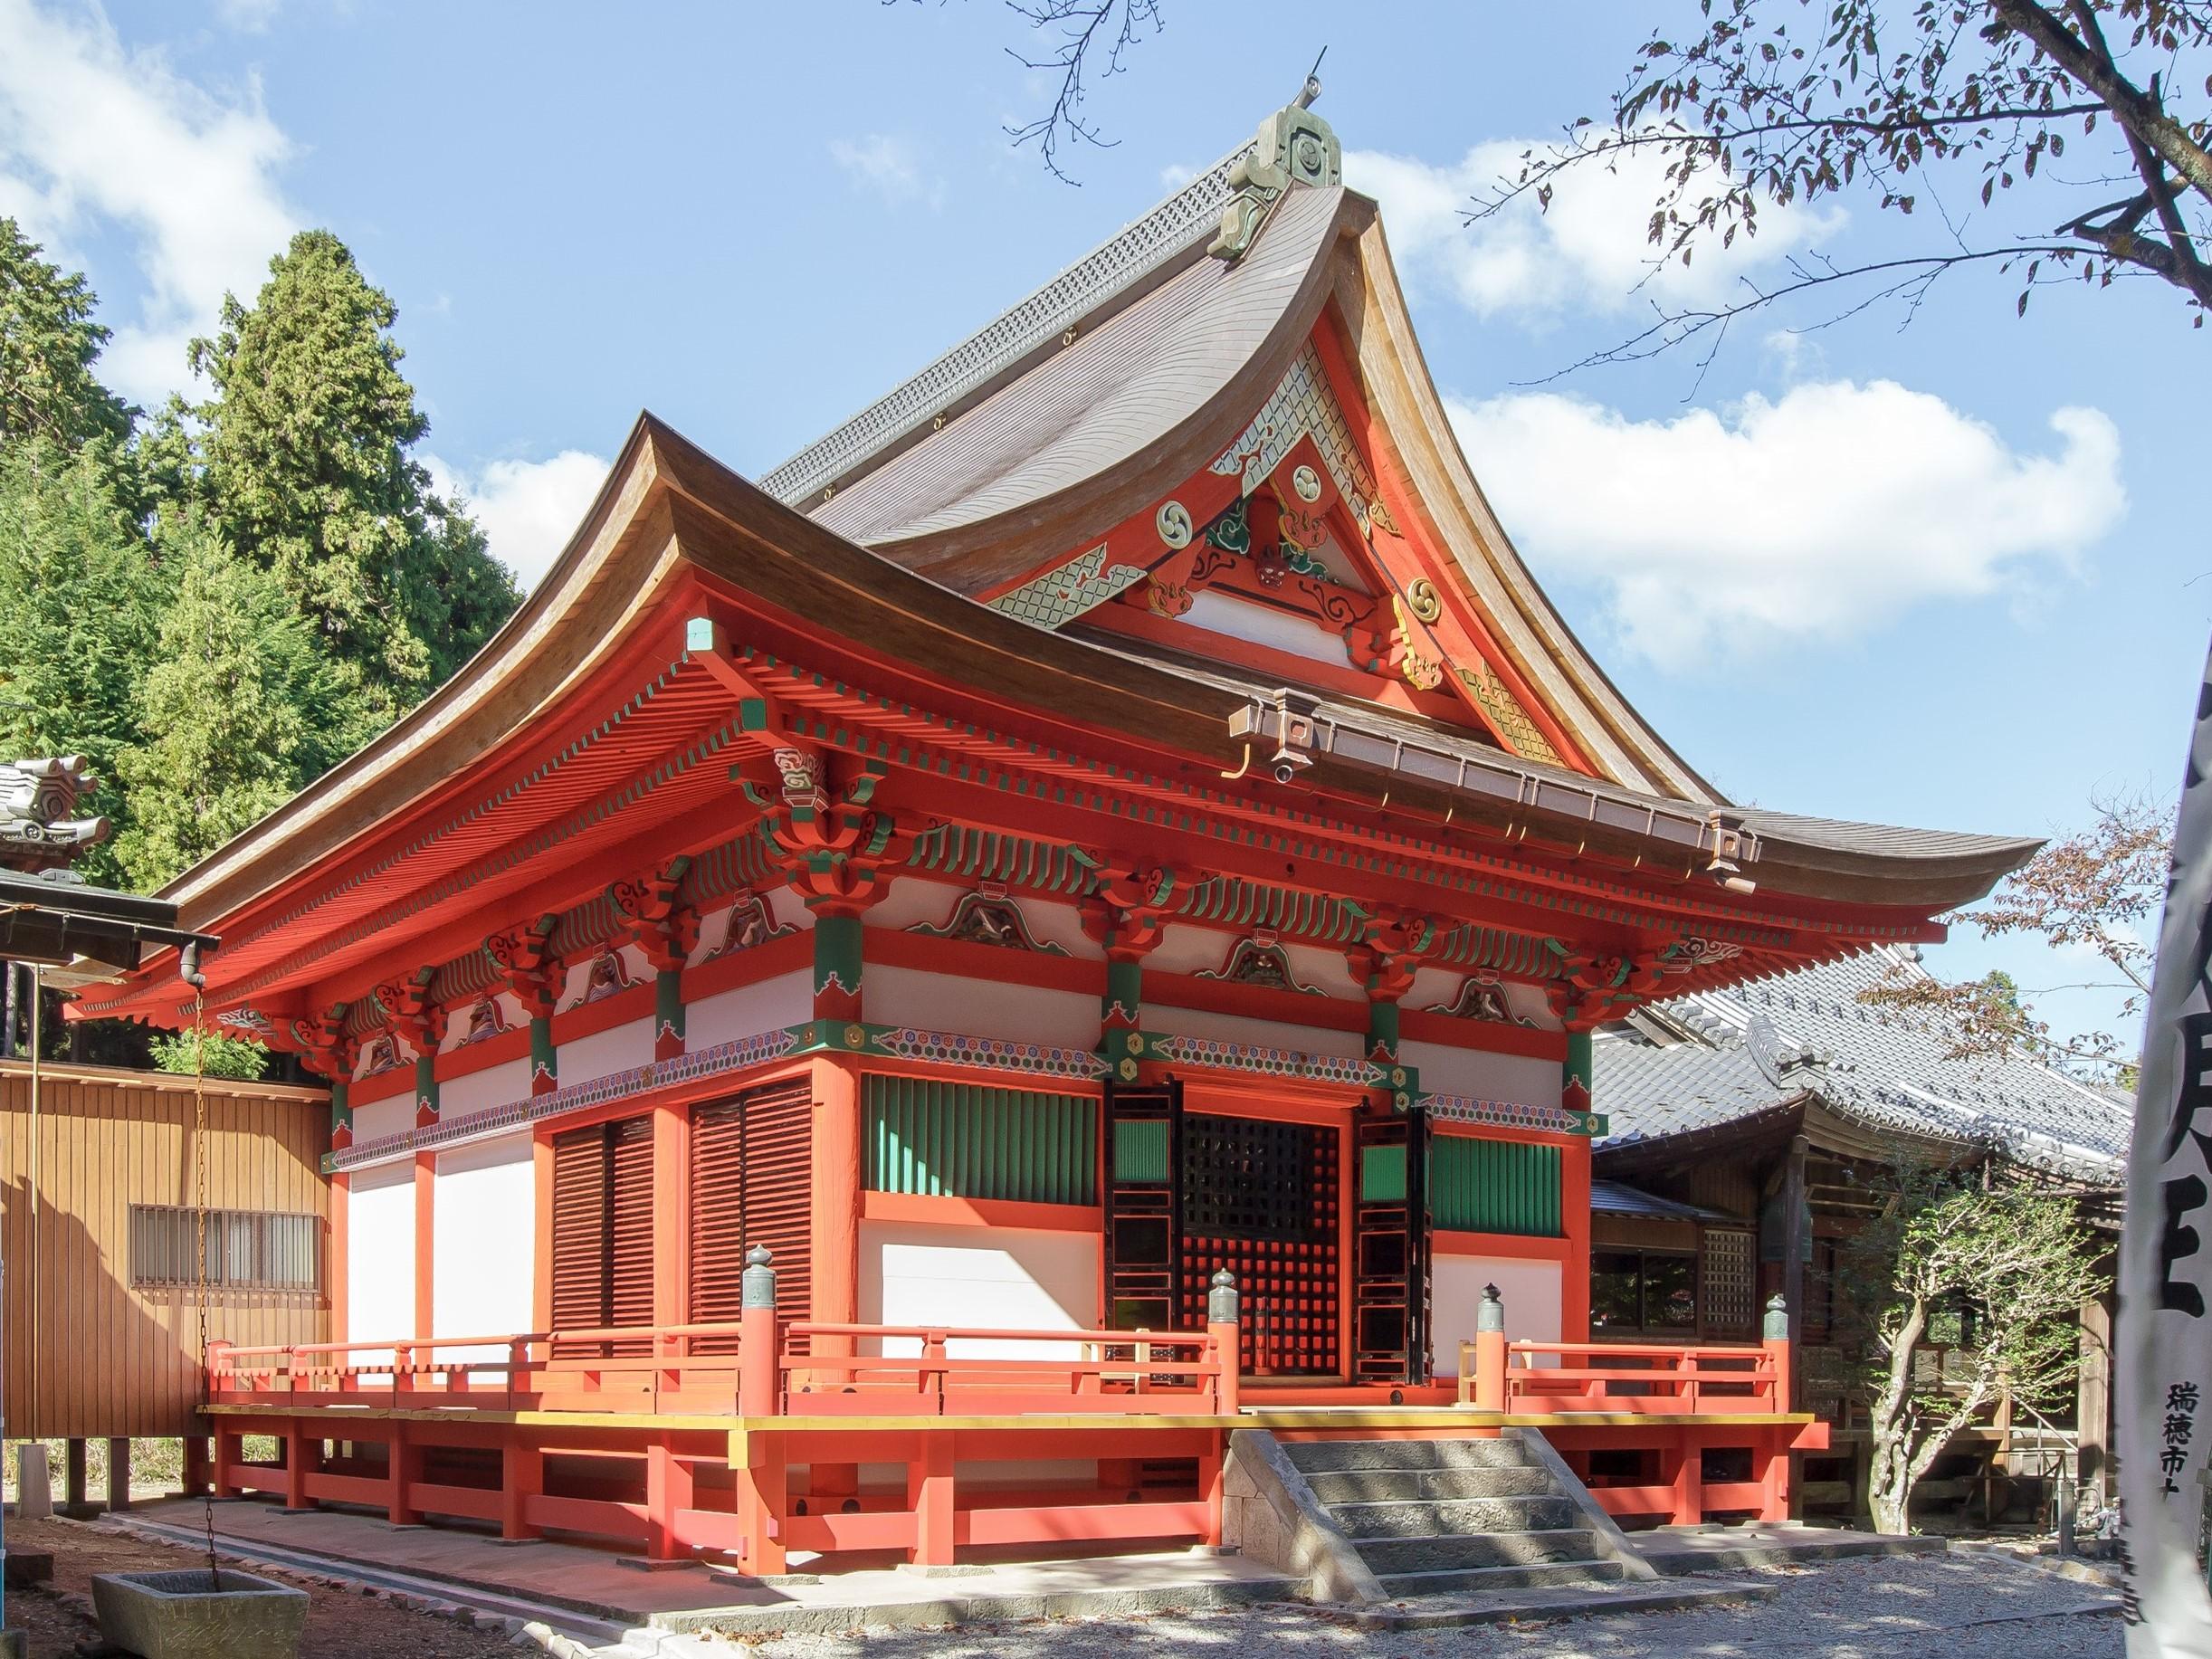 岐阜県重要文化財真禅院様 本地堂保存修理工事